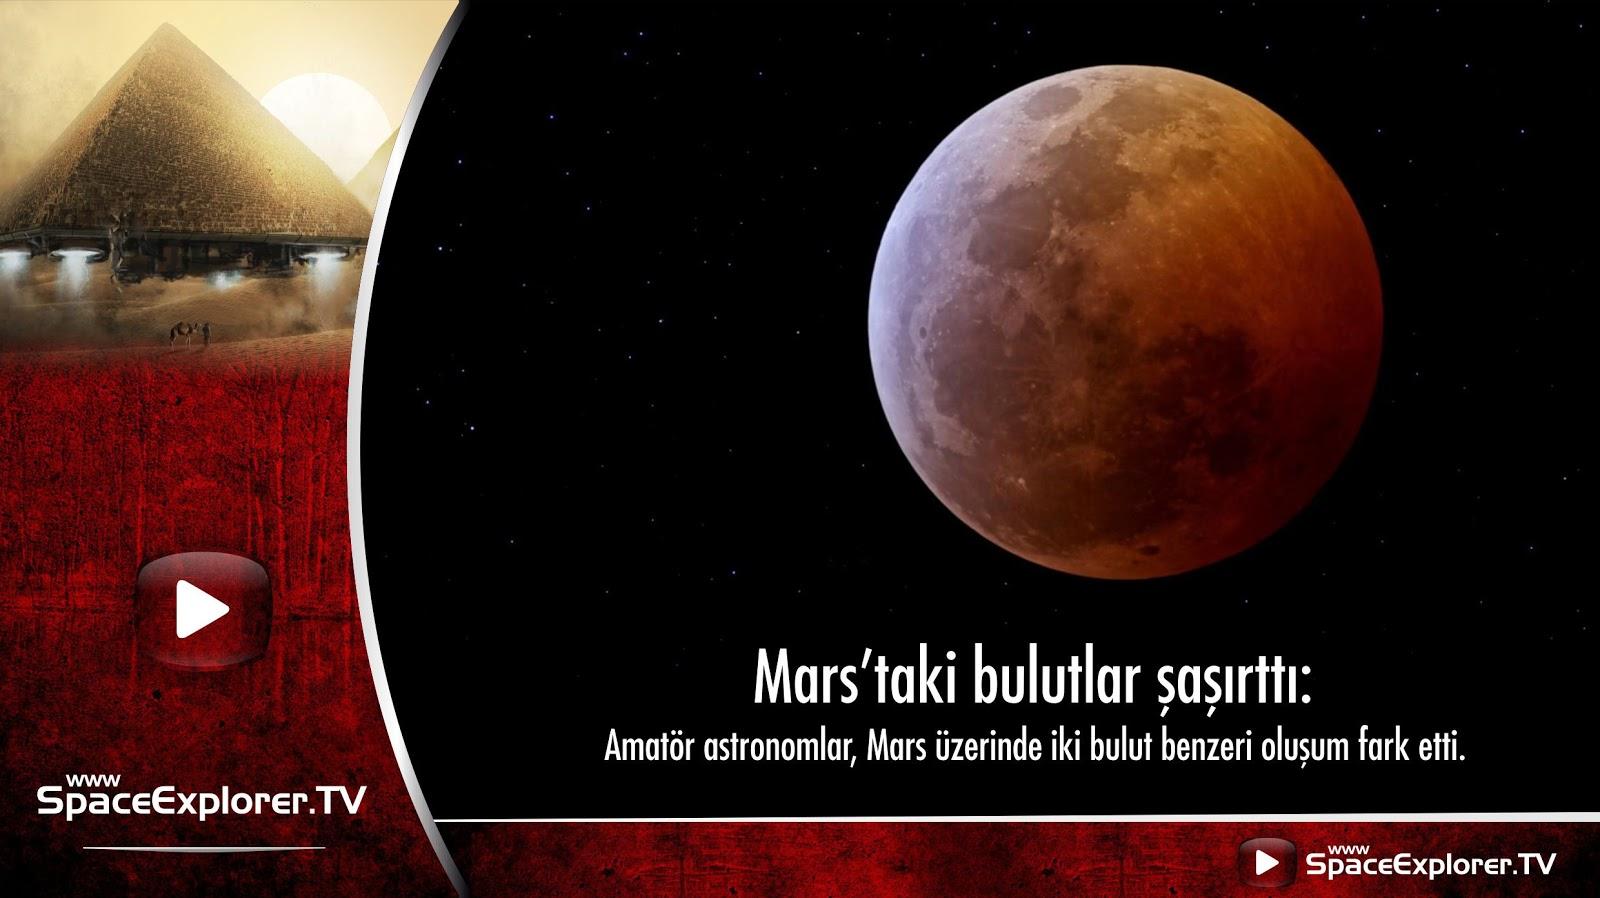 Mars, Uzayda hayat var mı?, Mars'ta yaşam var mı, Amatör gök bilimciler, Mars'ta su var mı, Su bulunan gezegenler, NASA neden gizliyor,